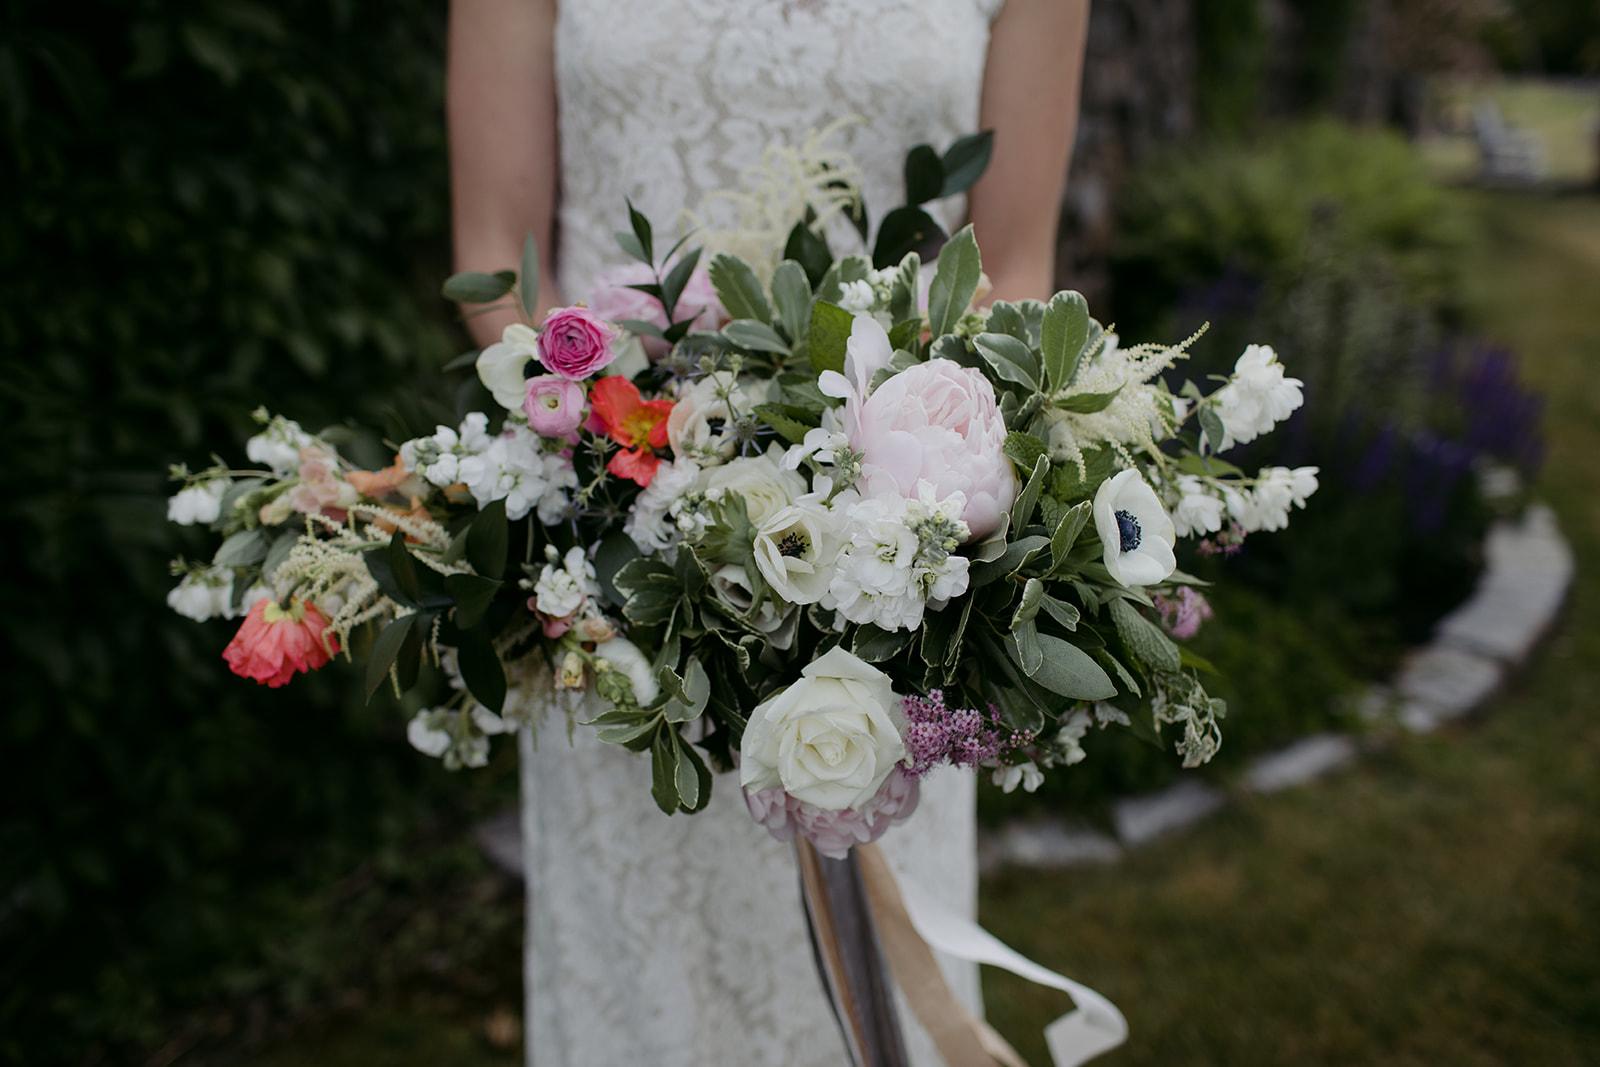 Watershed_Floral_Acadia_Maine_Wedding_Florist__Acadia_104.jpg